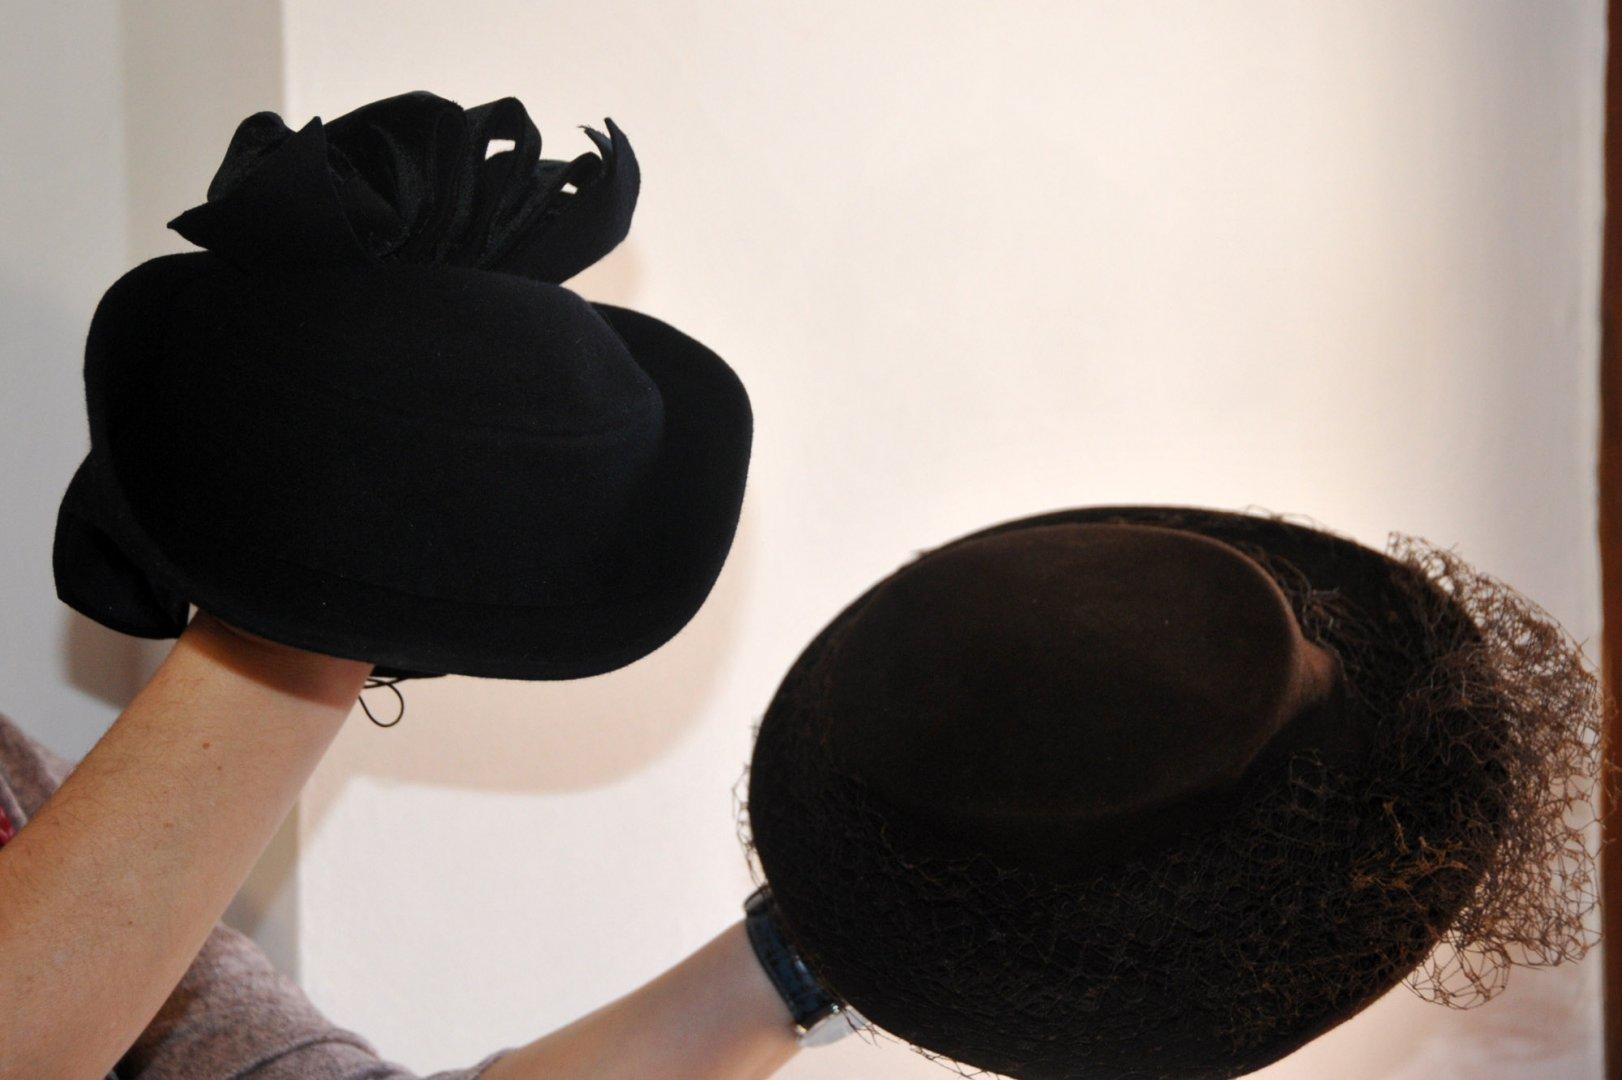 Шапките ще бъдат включени в предстоящата изложба. Снимки Лина Главинова